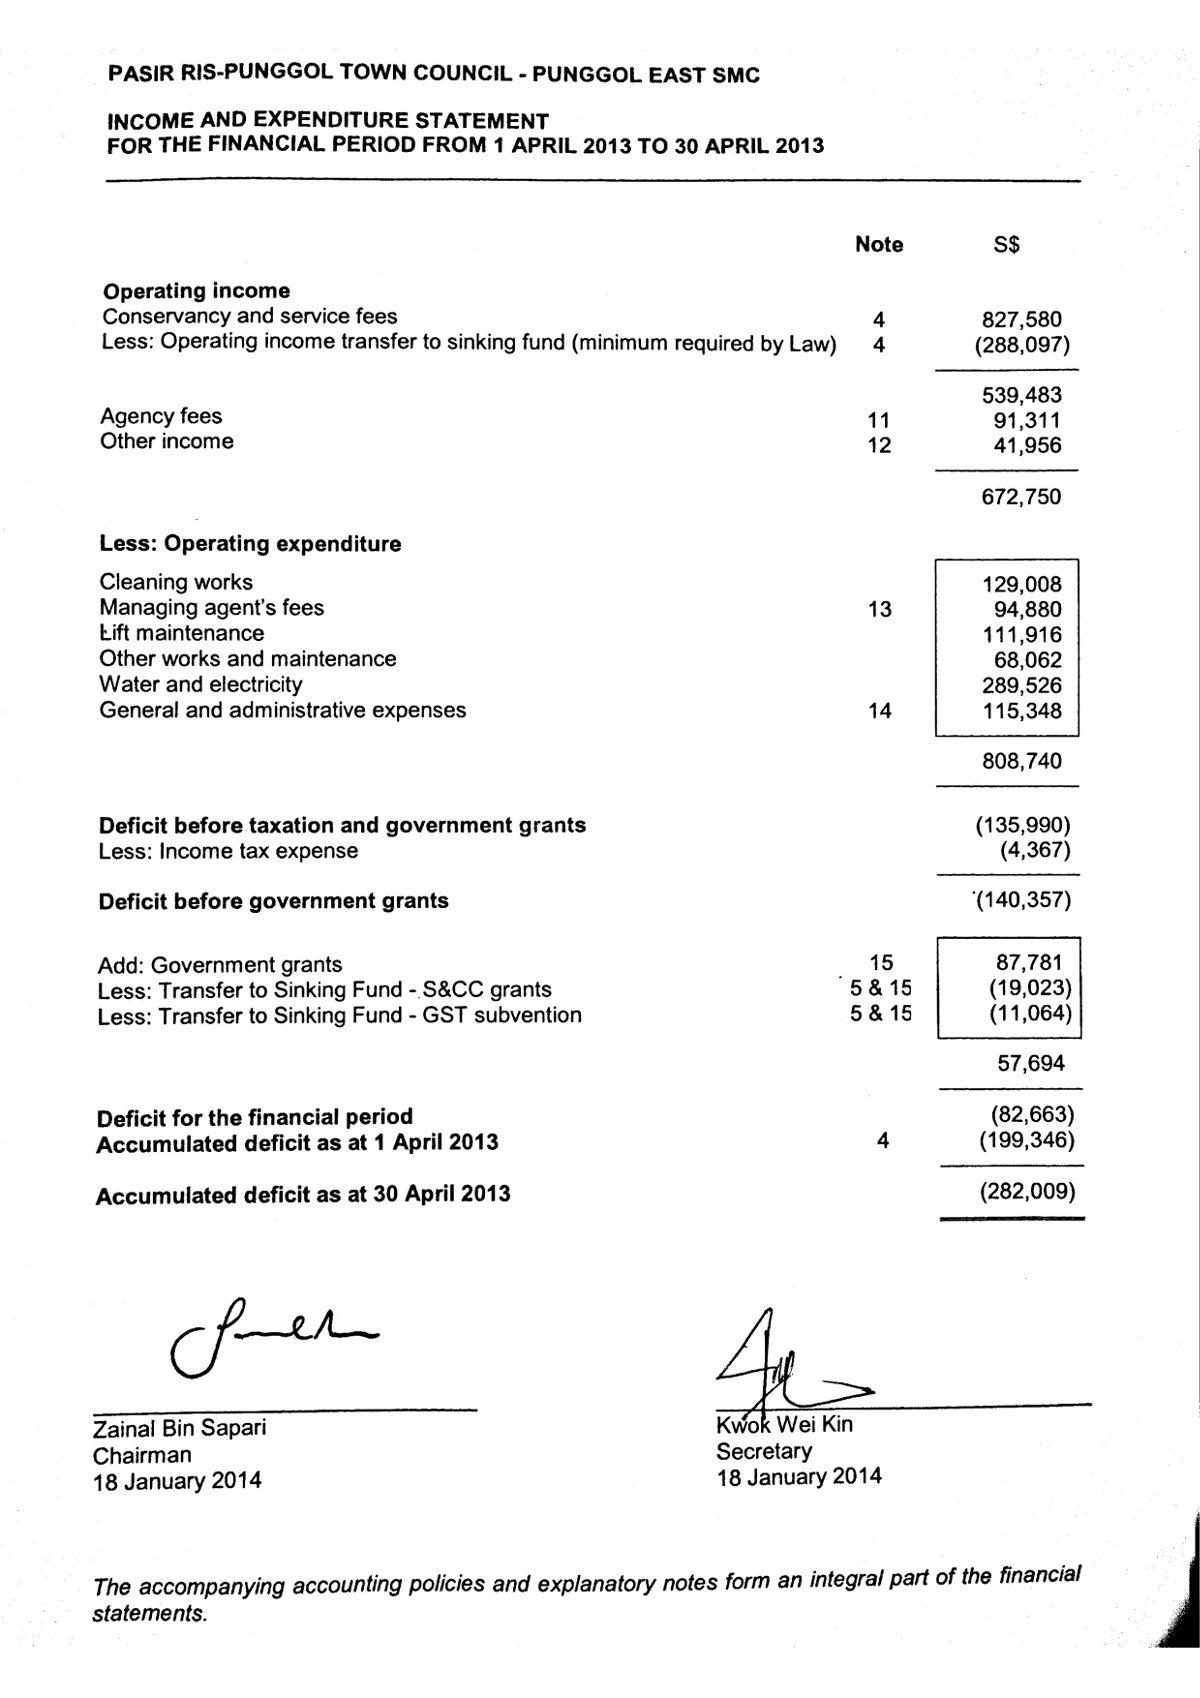 Punggol East SMC – Deficit position as of 30 April 2013